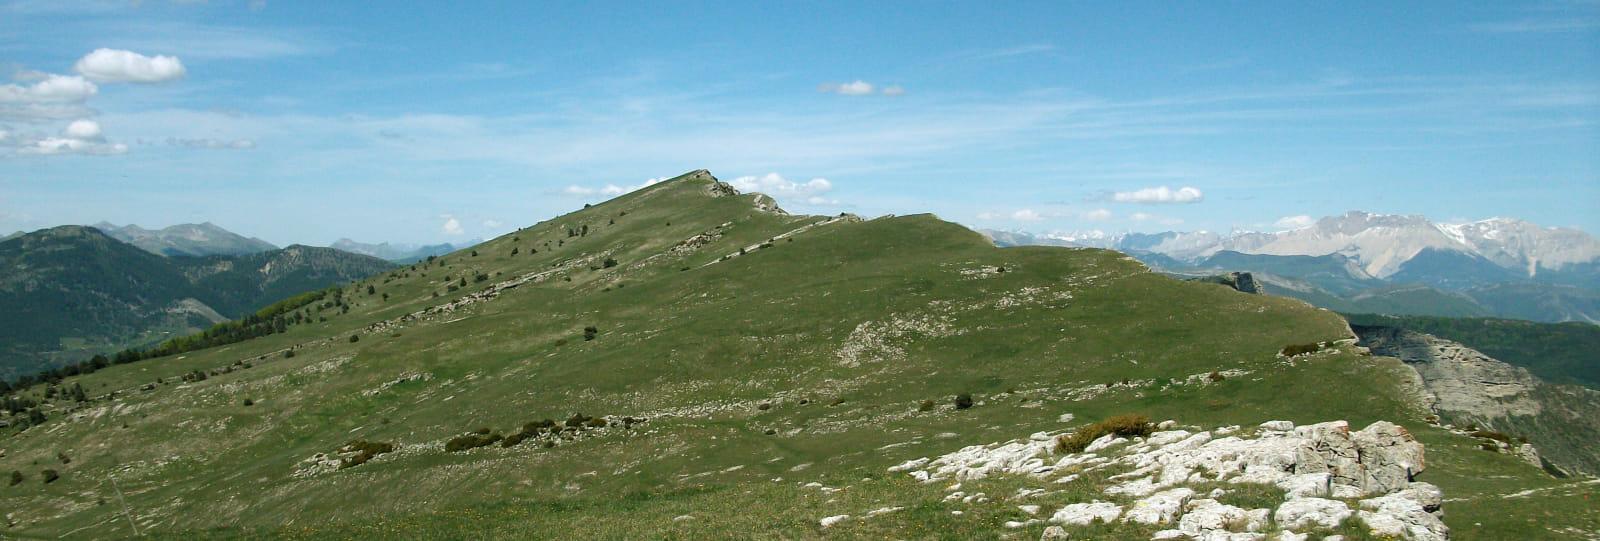 Les crêtes de la Sarcena